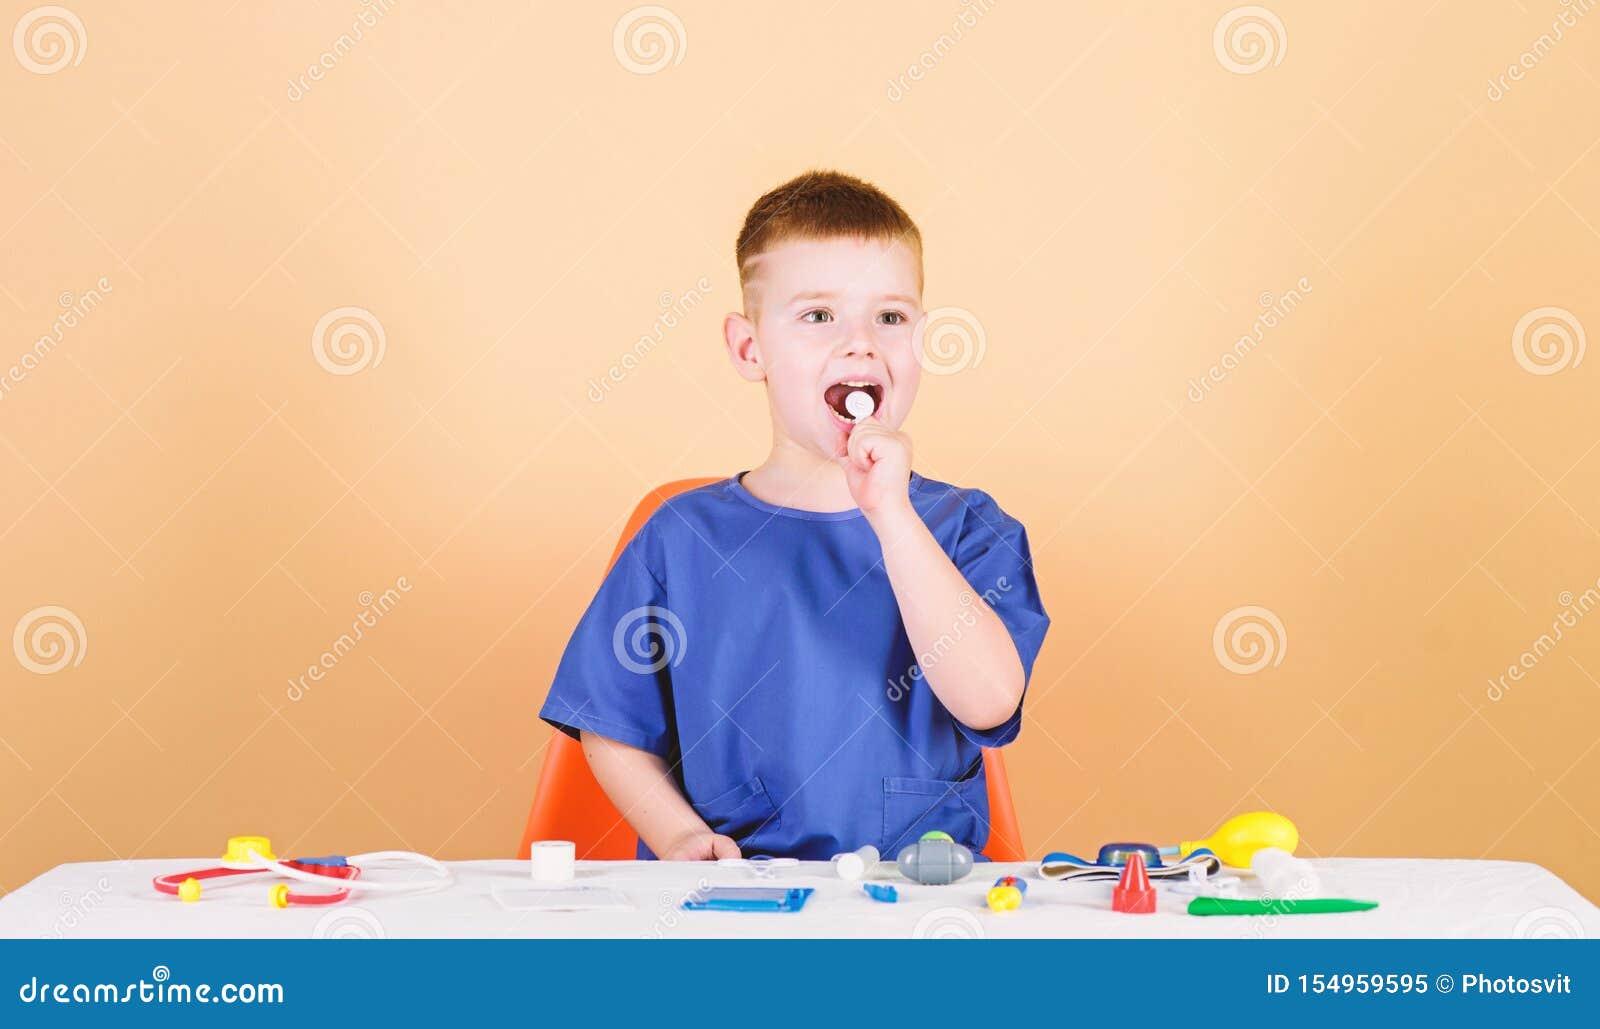 Παιχνίδι παιχνιδιού Αγοριών χαριτωμένη σταδιοδρομία γιατρών παιδιών μελλοντική Υγιής ζωή Το παιδί λίγος γιατρός κάθεται τον πίνακ